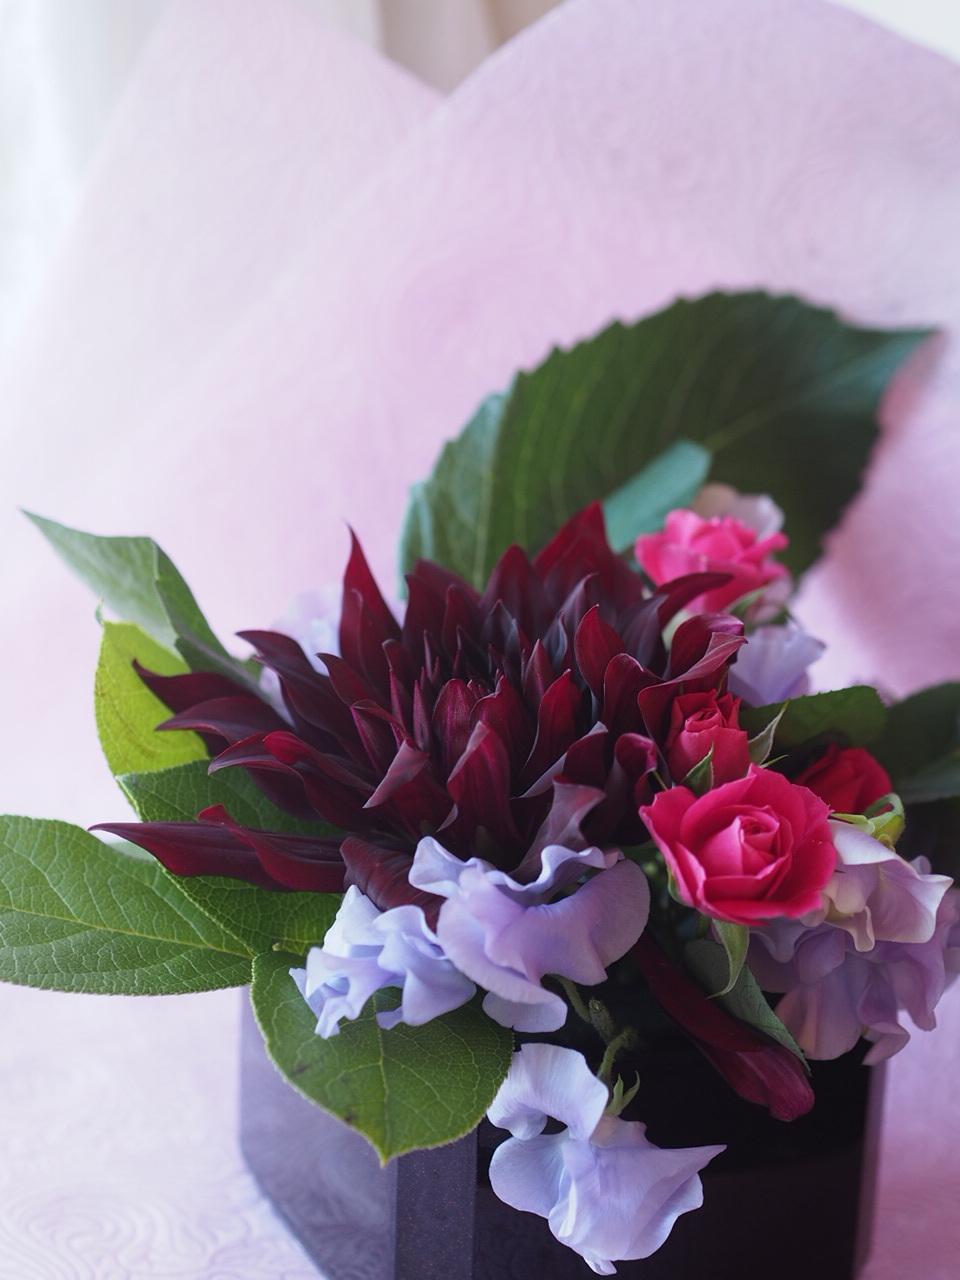 春のお花でアレンジメント_d0144095_17410448.jpg